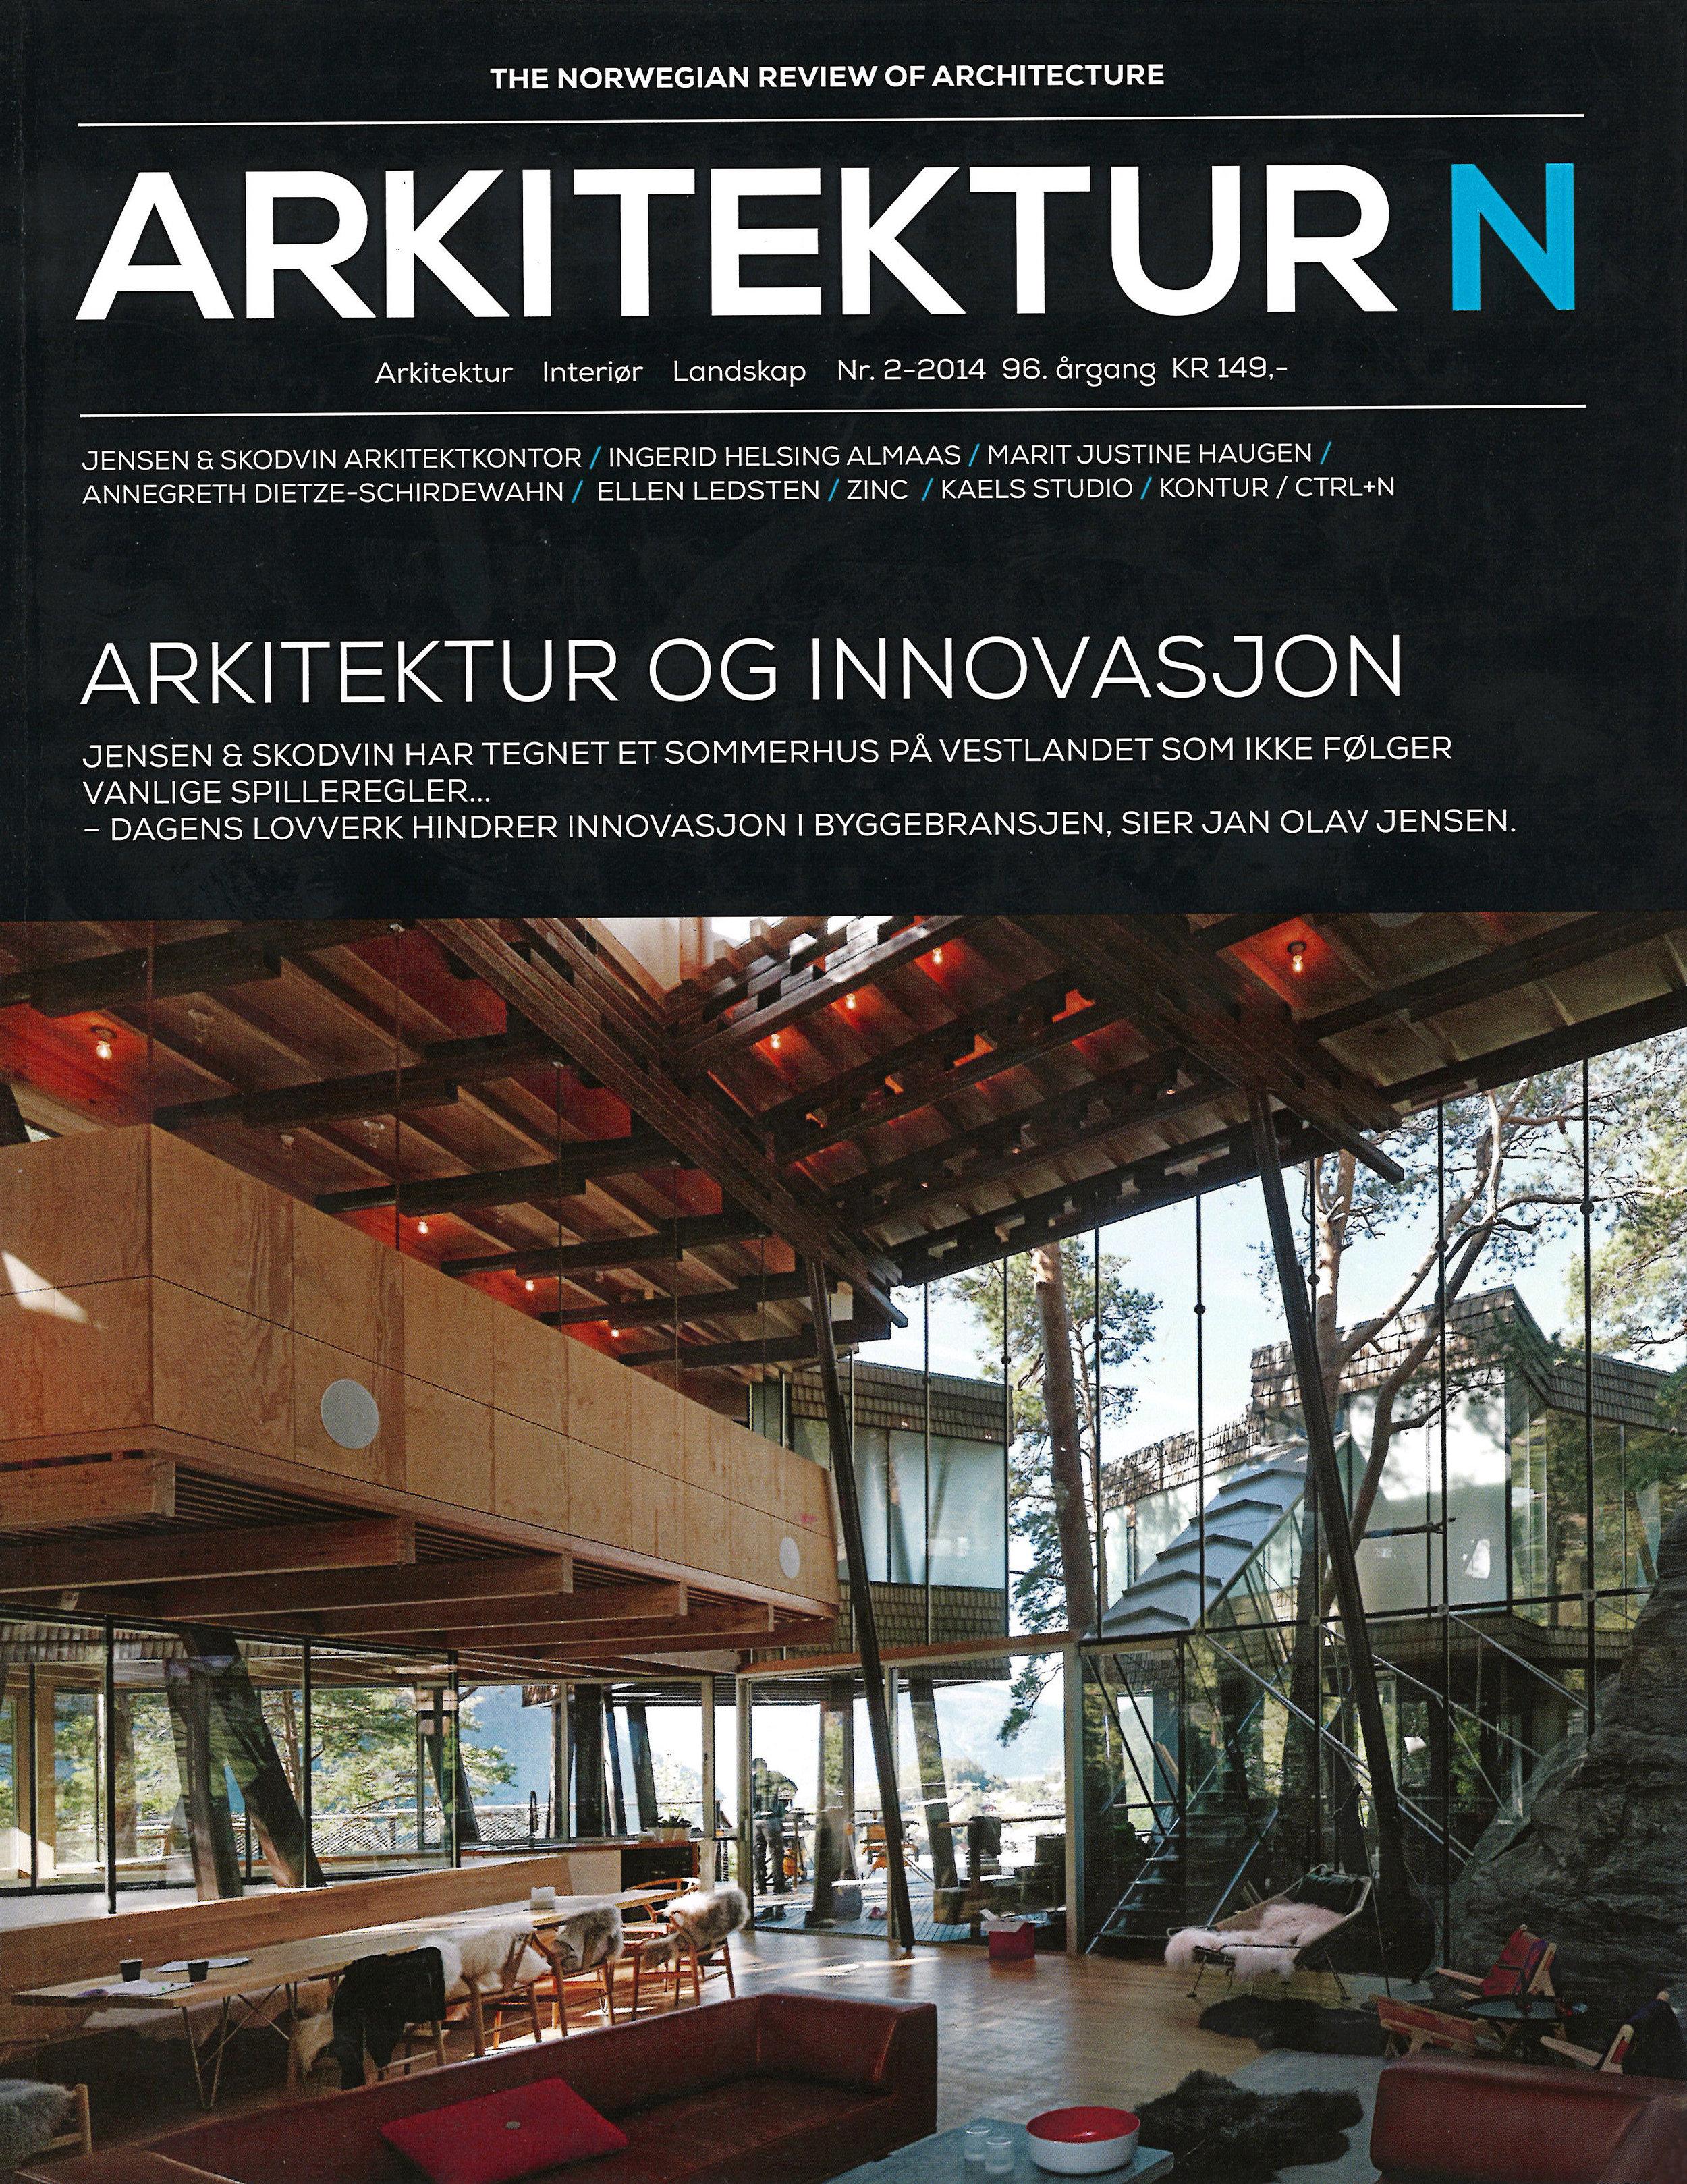 Arkitektur-N-Nr-2-2014-forside.jpg